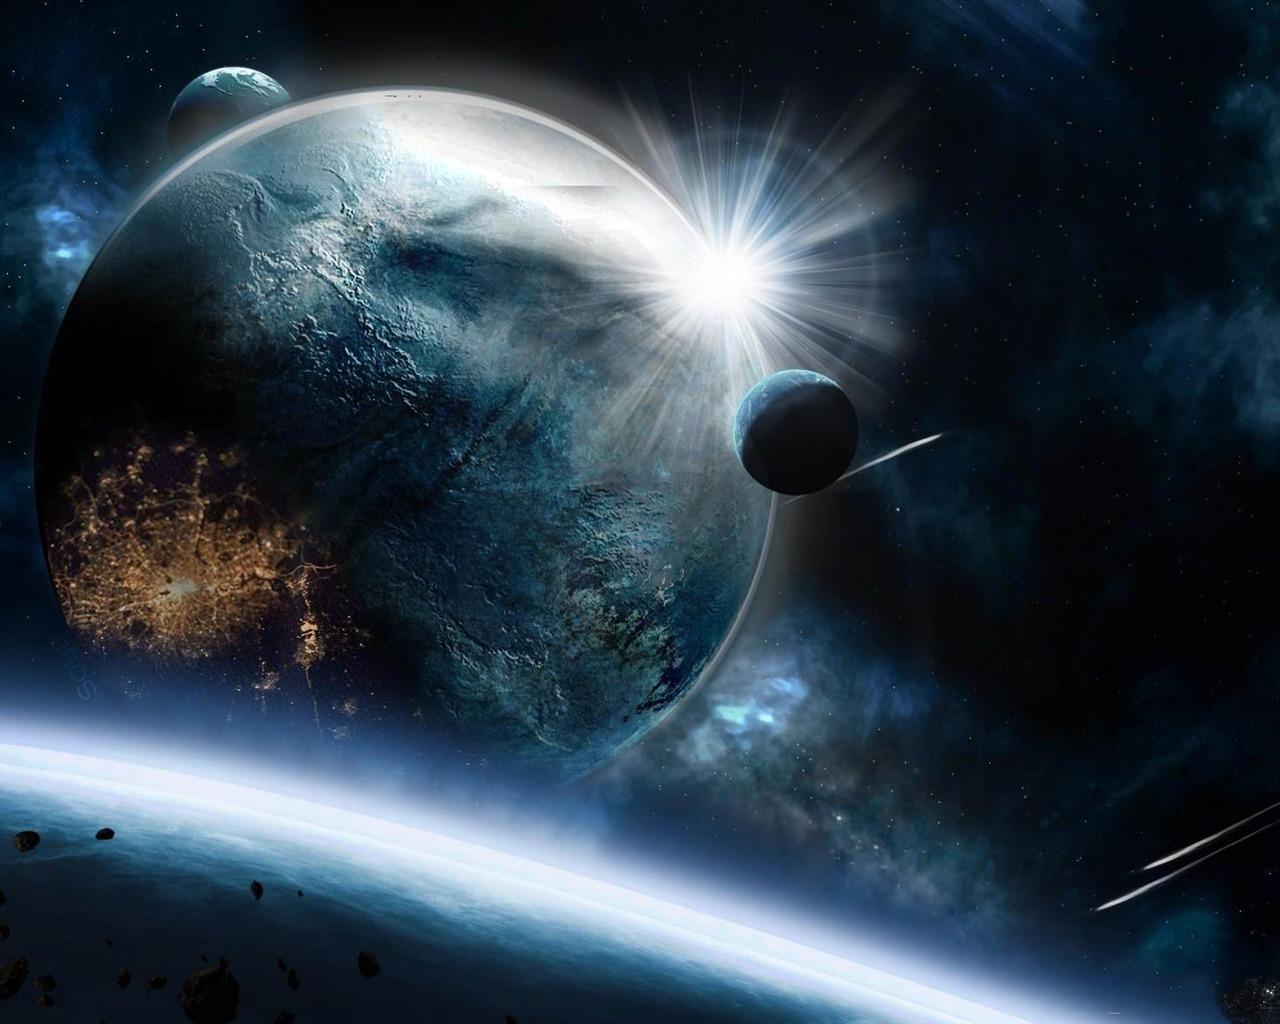 行星小行星高速冲击爆炸-太空高清宽屏壁纸 - 1280x1024 壁纸 下载图片